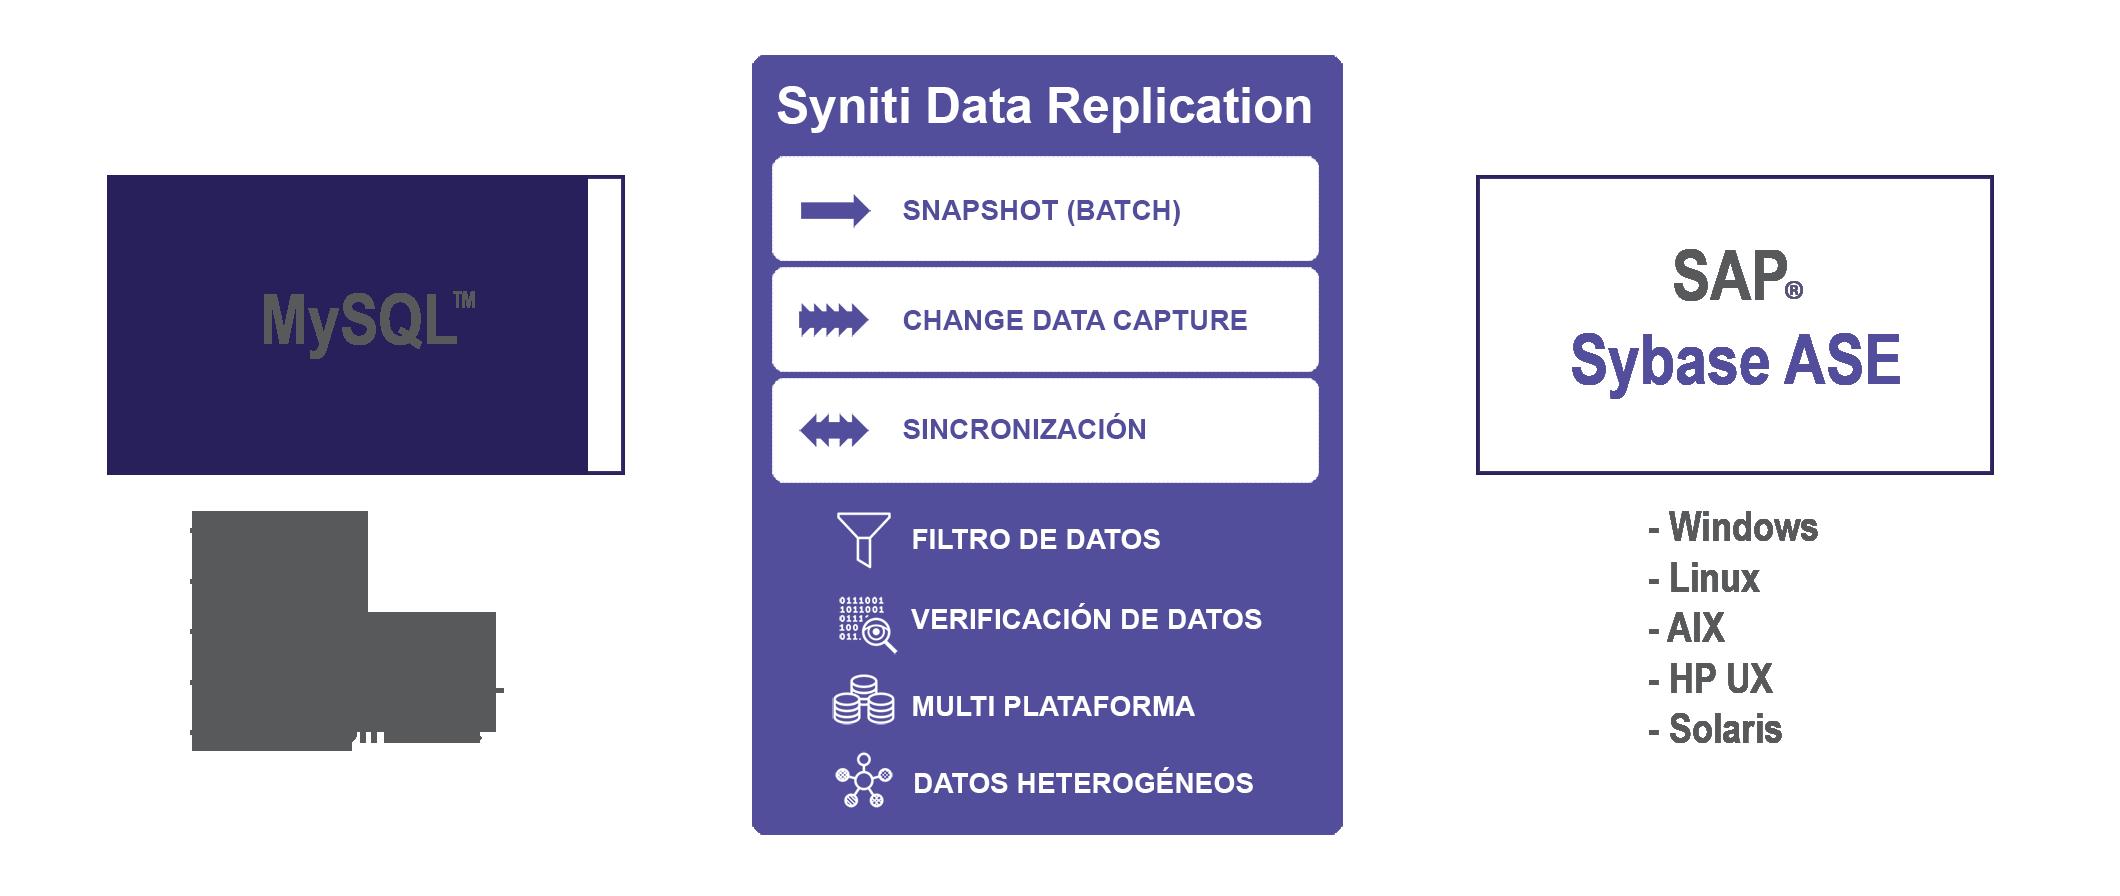 Replicacion de datos MySQL a SAP ASE Sybase